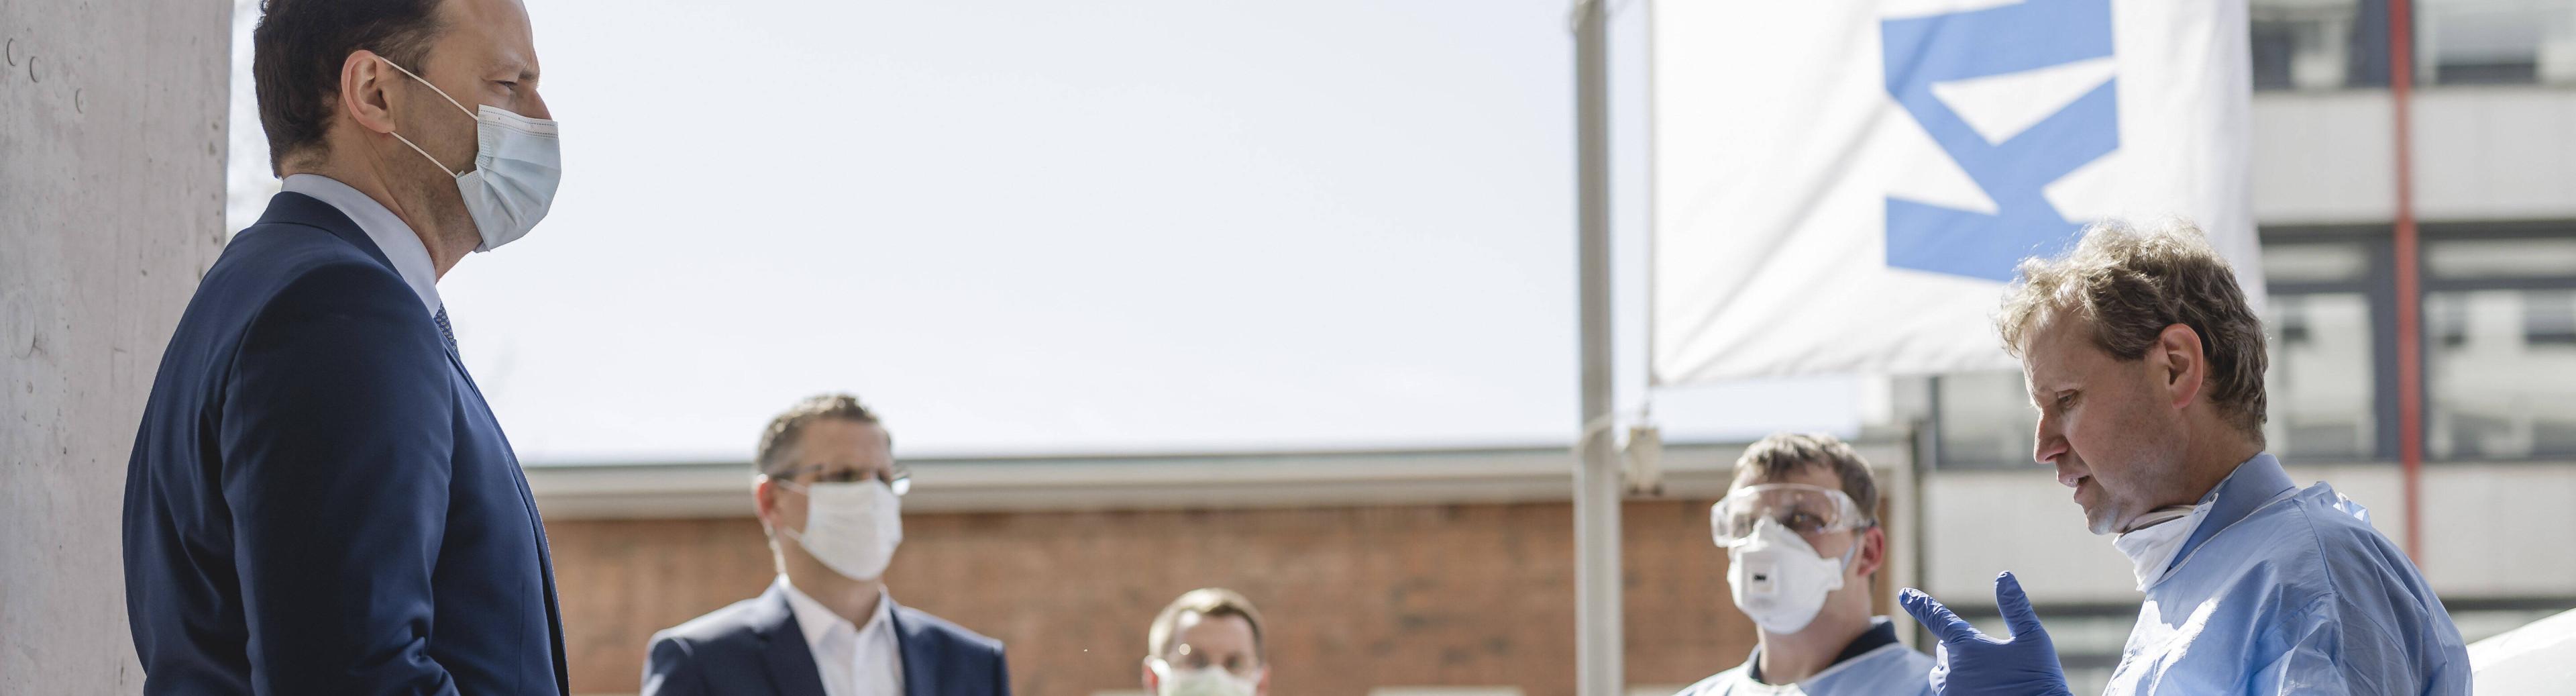 Gesundheitsminister Jens Spahn zu Besuch bei der kassenärztlichen Vereinigung am 18.4.2020